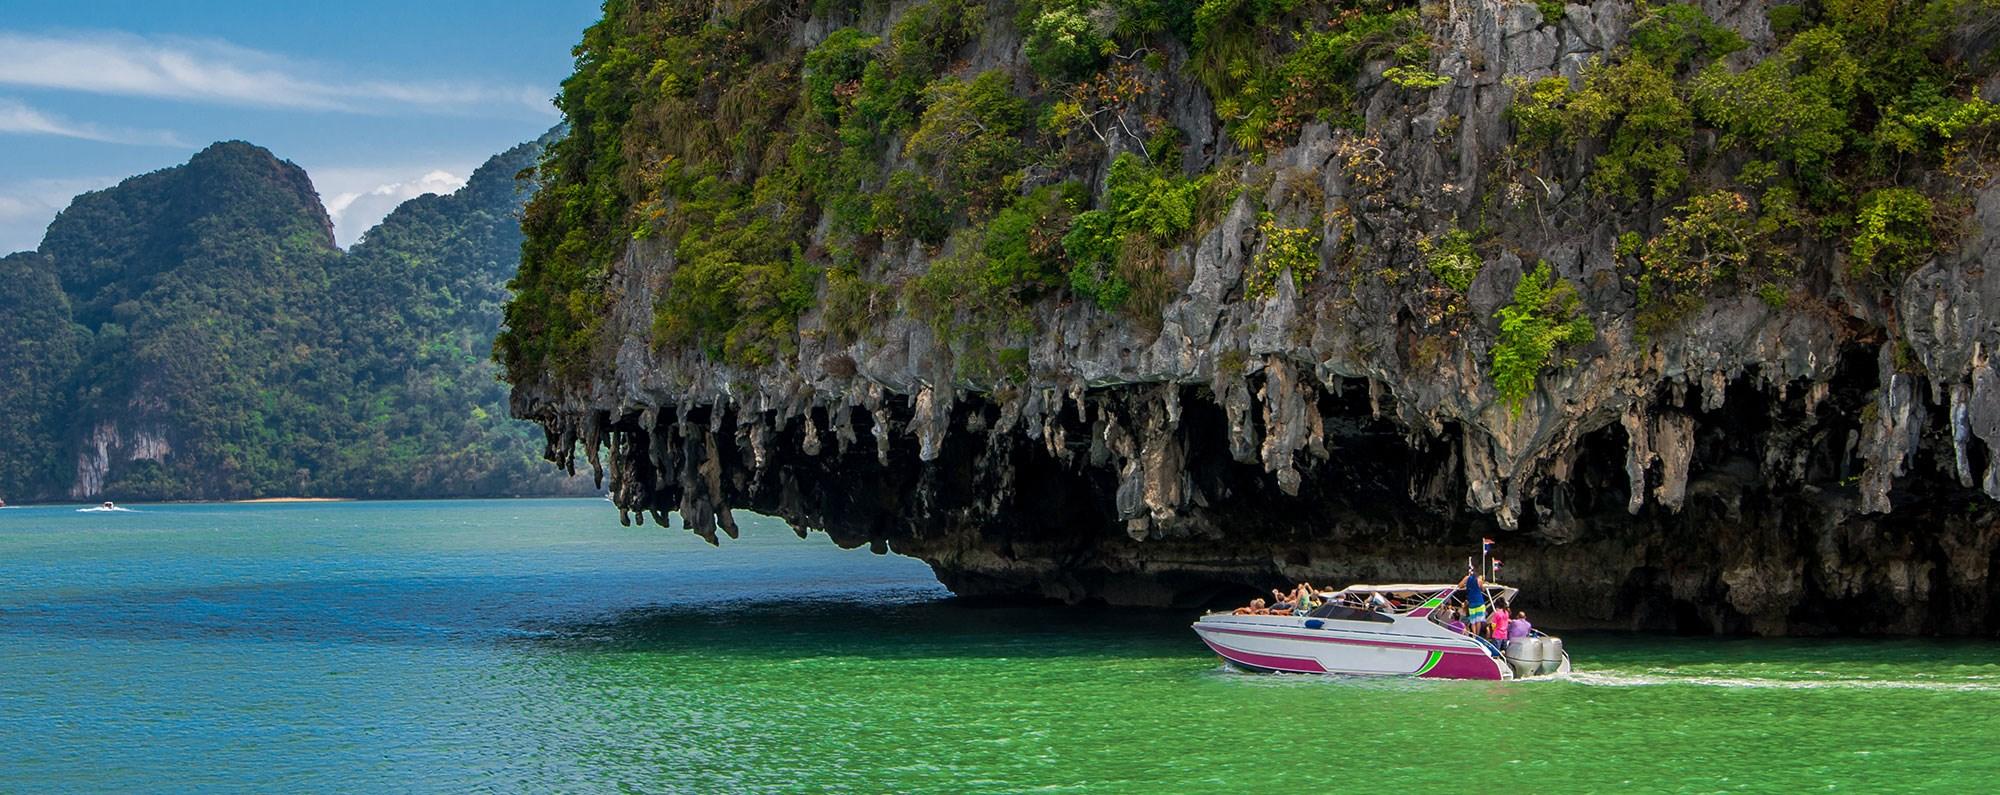 Alquiler de barcos en Tailandia